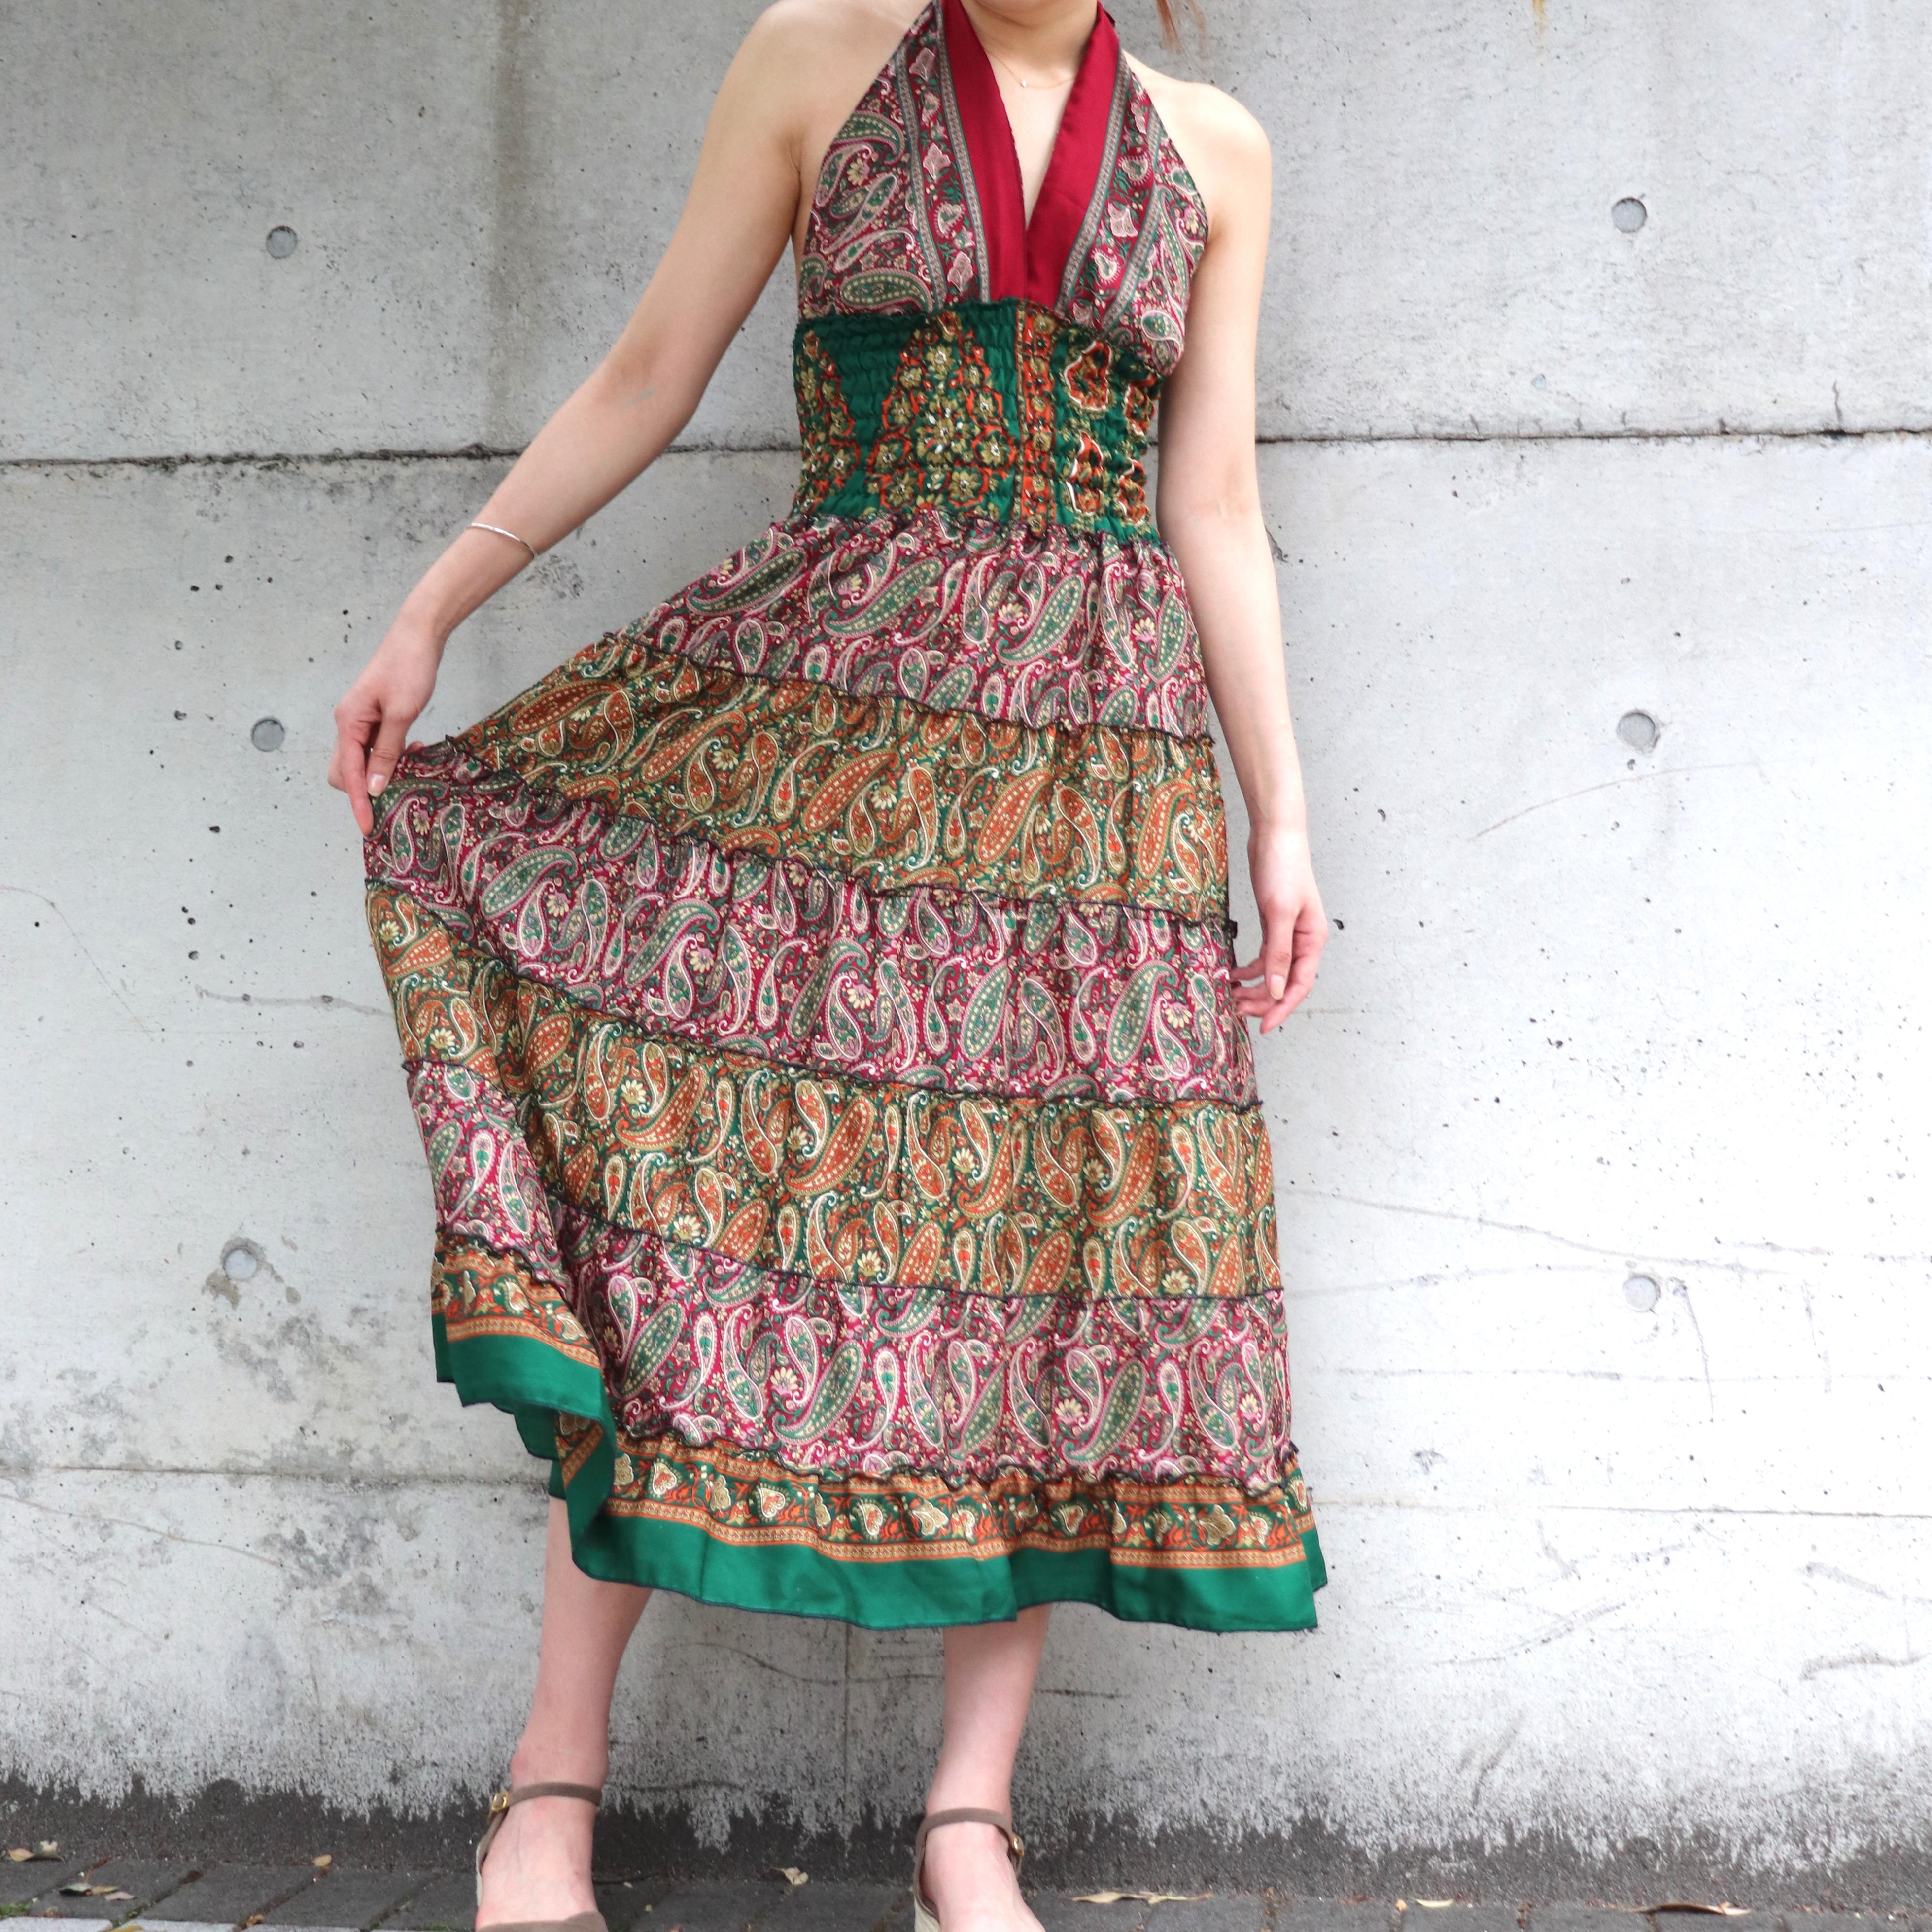 まさに大人リゾートファッション!暑い夏に大活躍なシルクマキシワンピ!